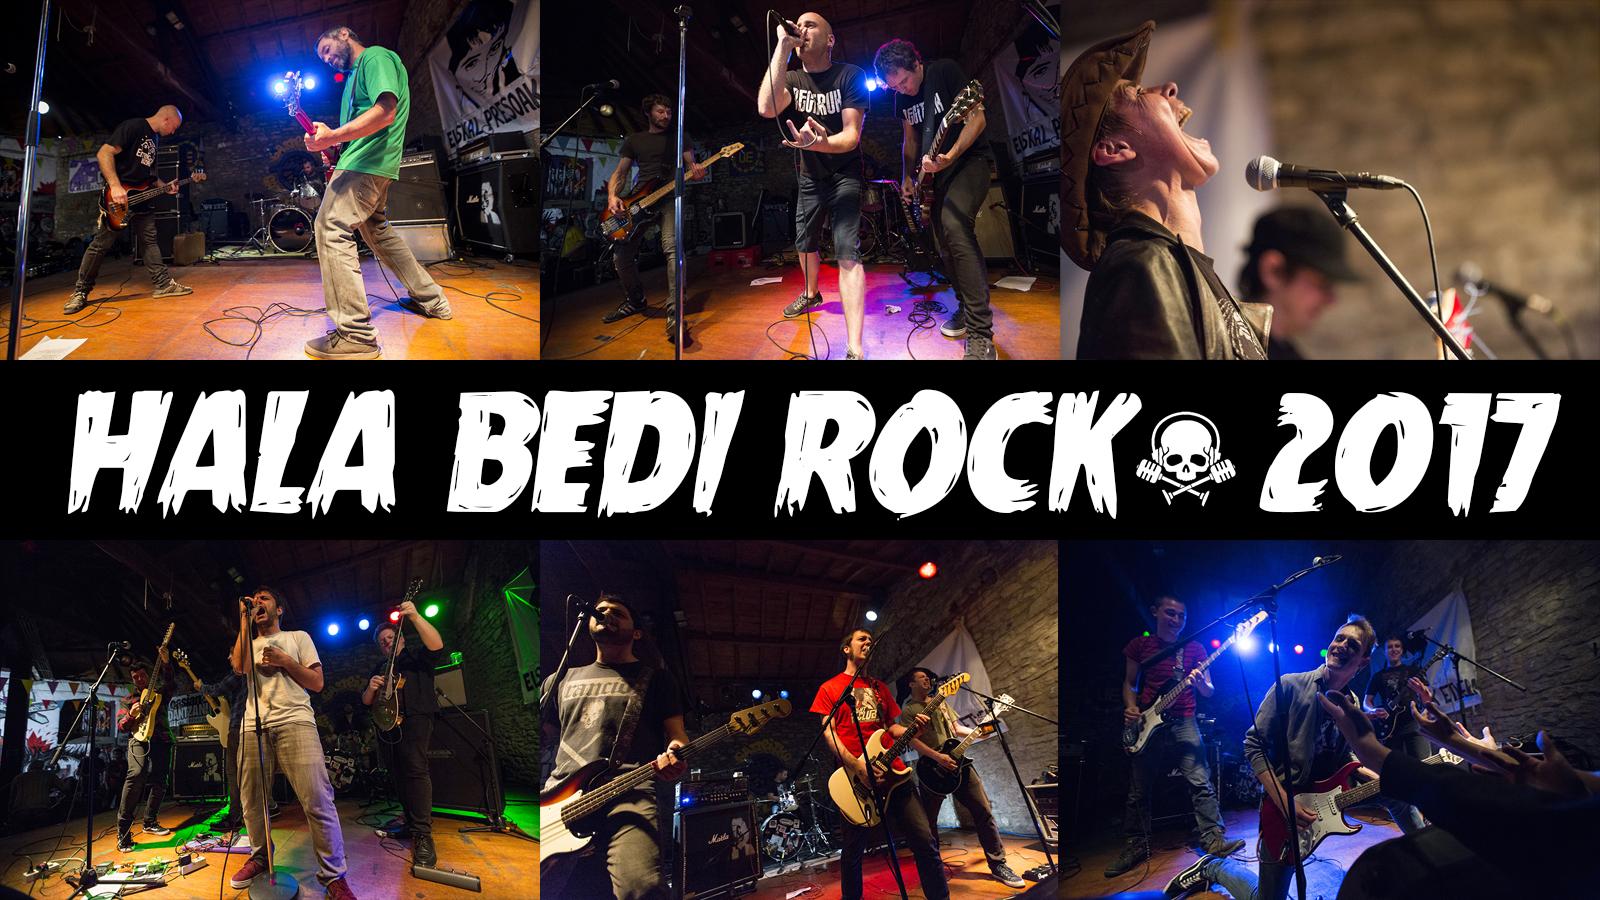 Hala  Bedi  Rock  2017  |  AfterMovie  eta  argazki  galeria